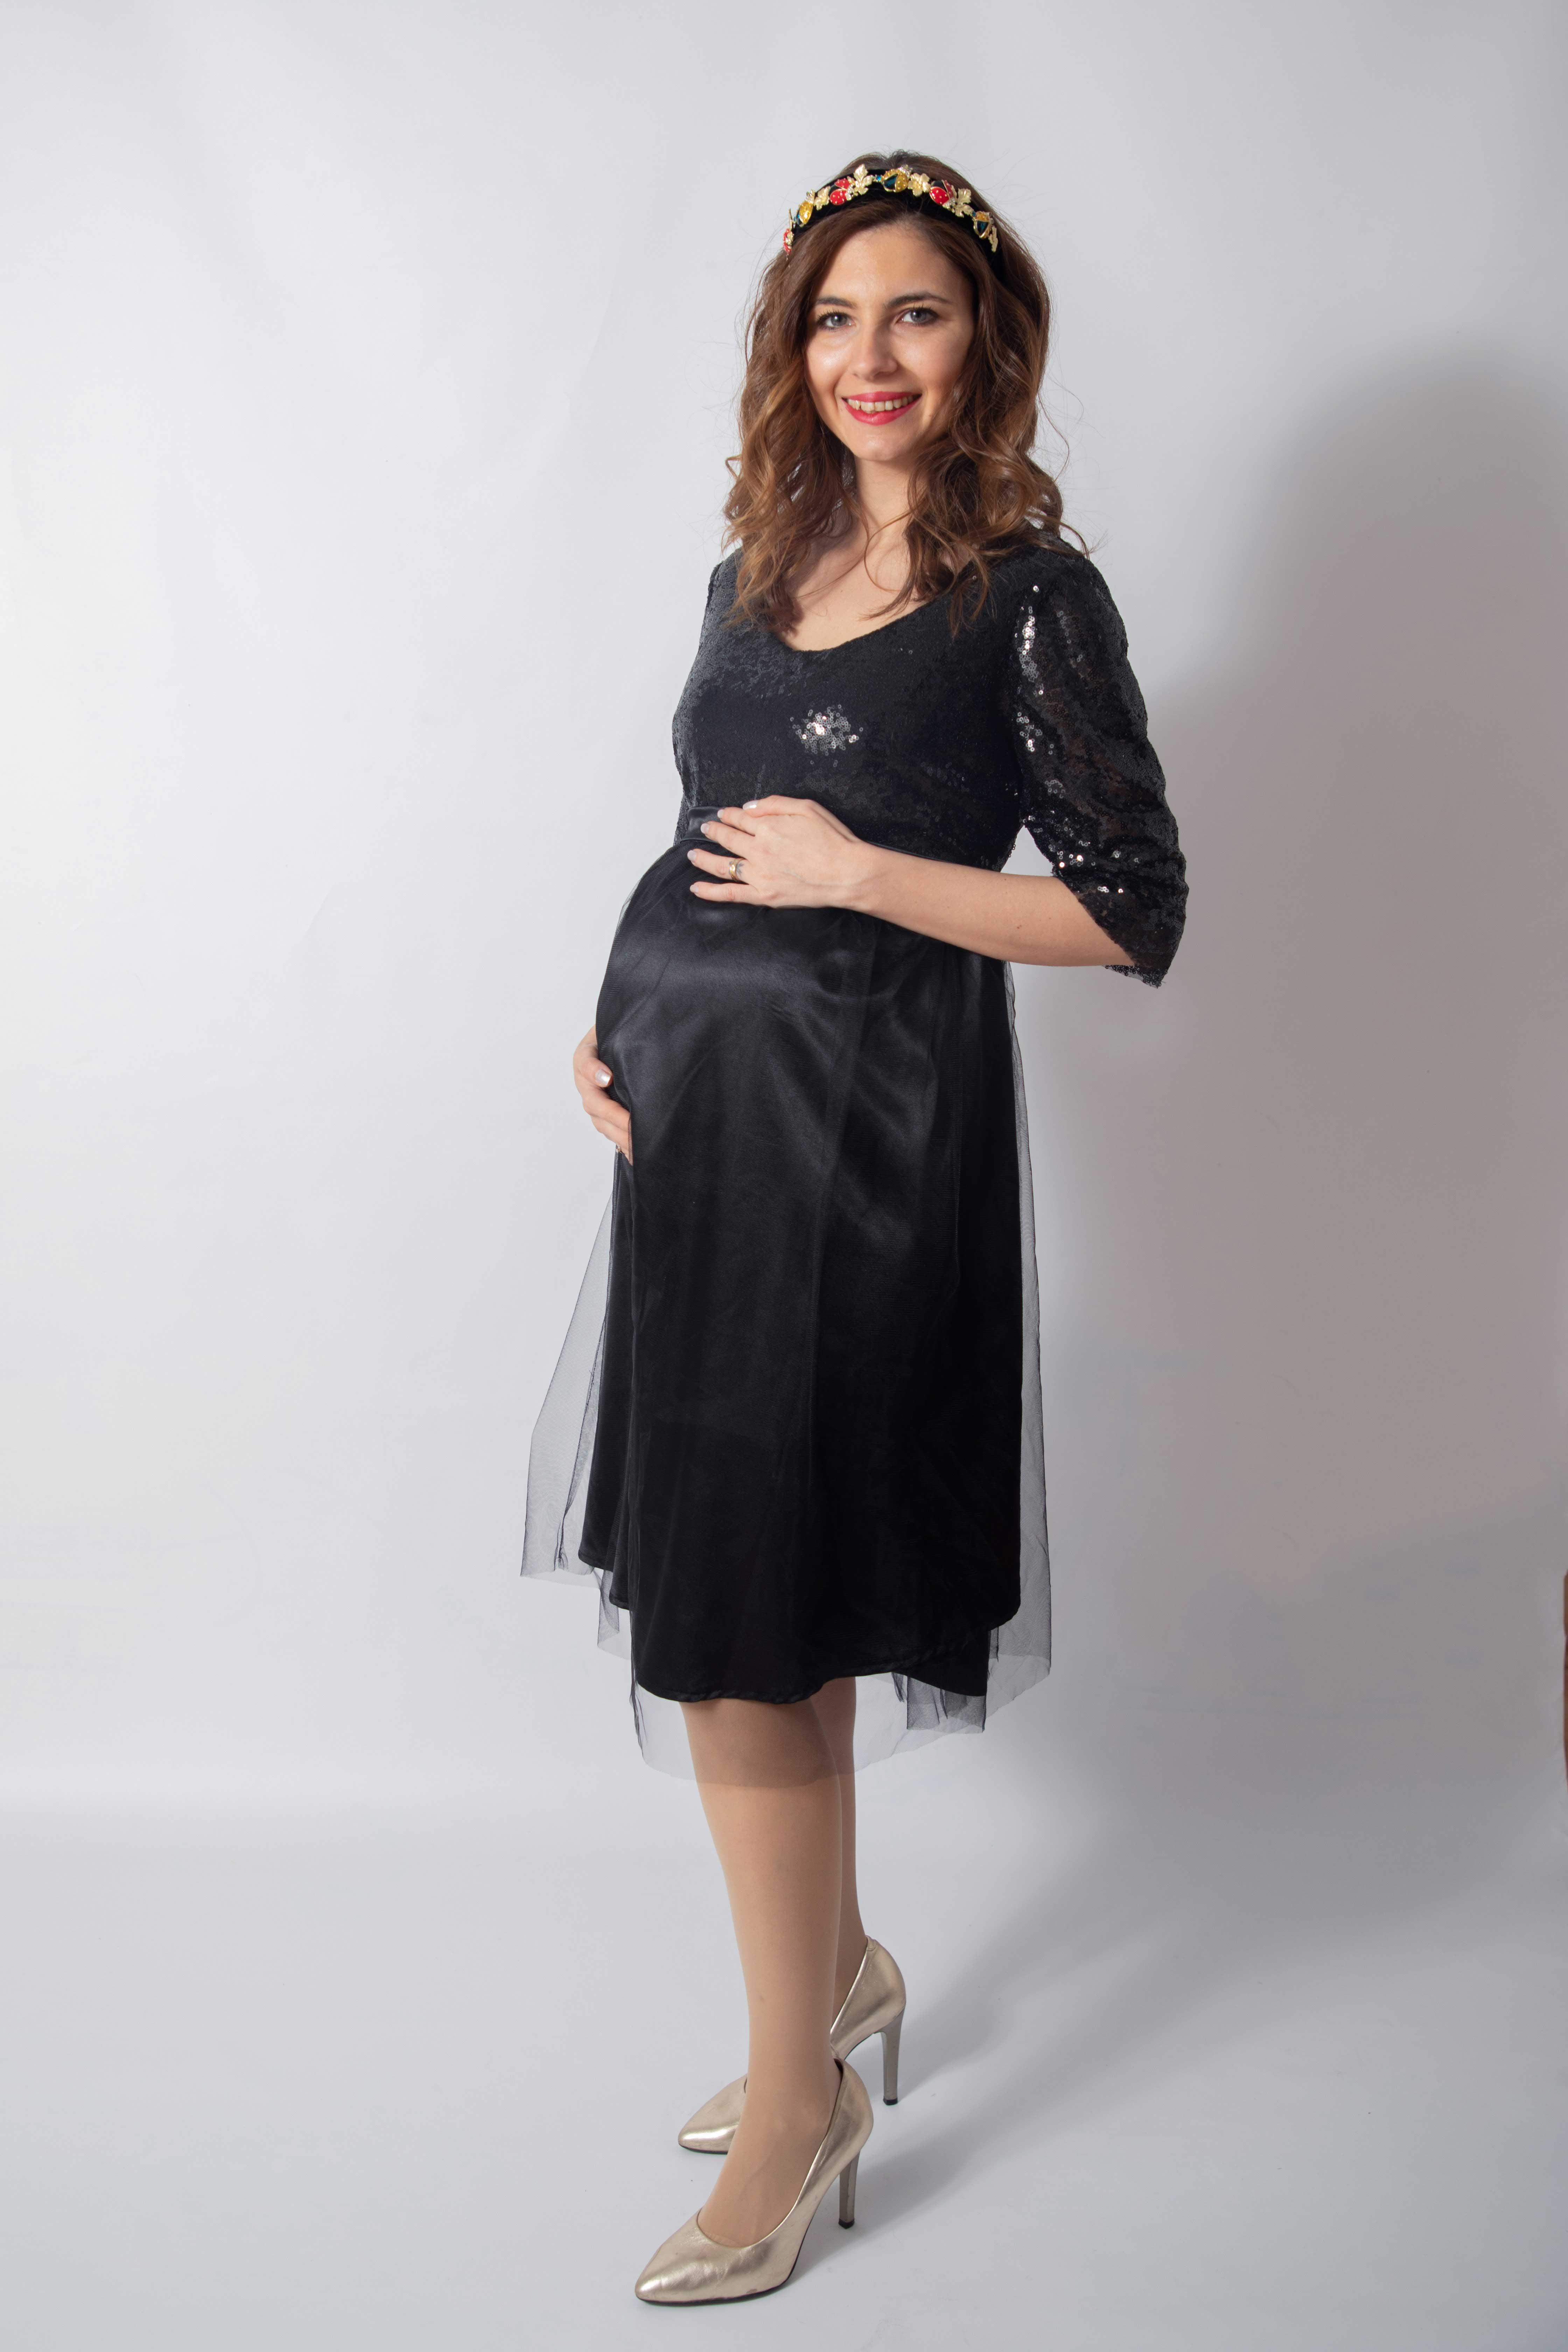 tulle-noire-rochie-eleganta-gravida-cu-paiete-stralucitoare-transport-gratuit 1